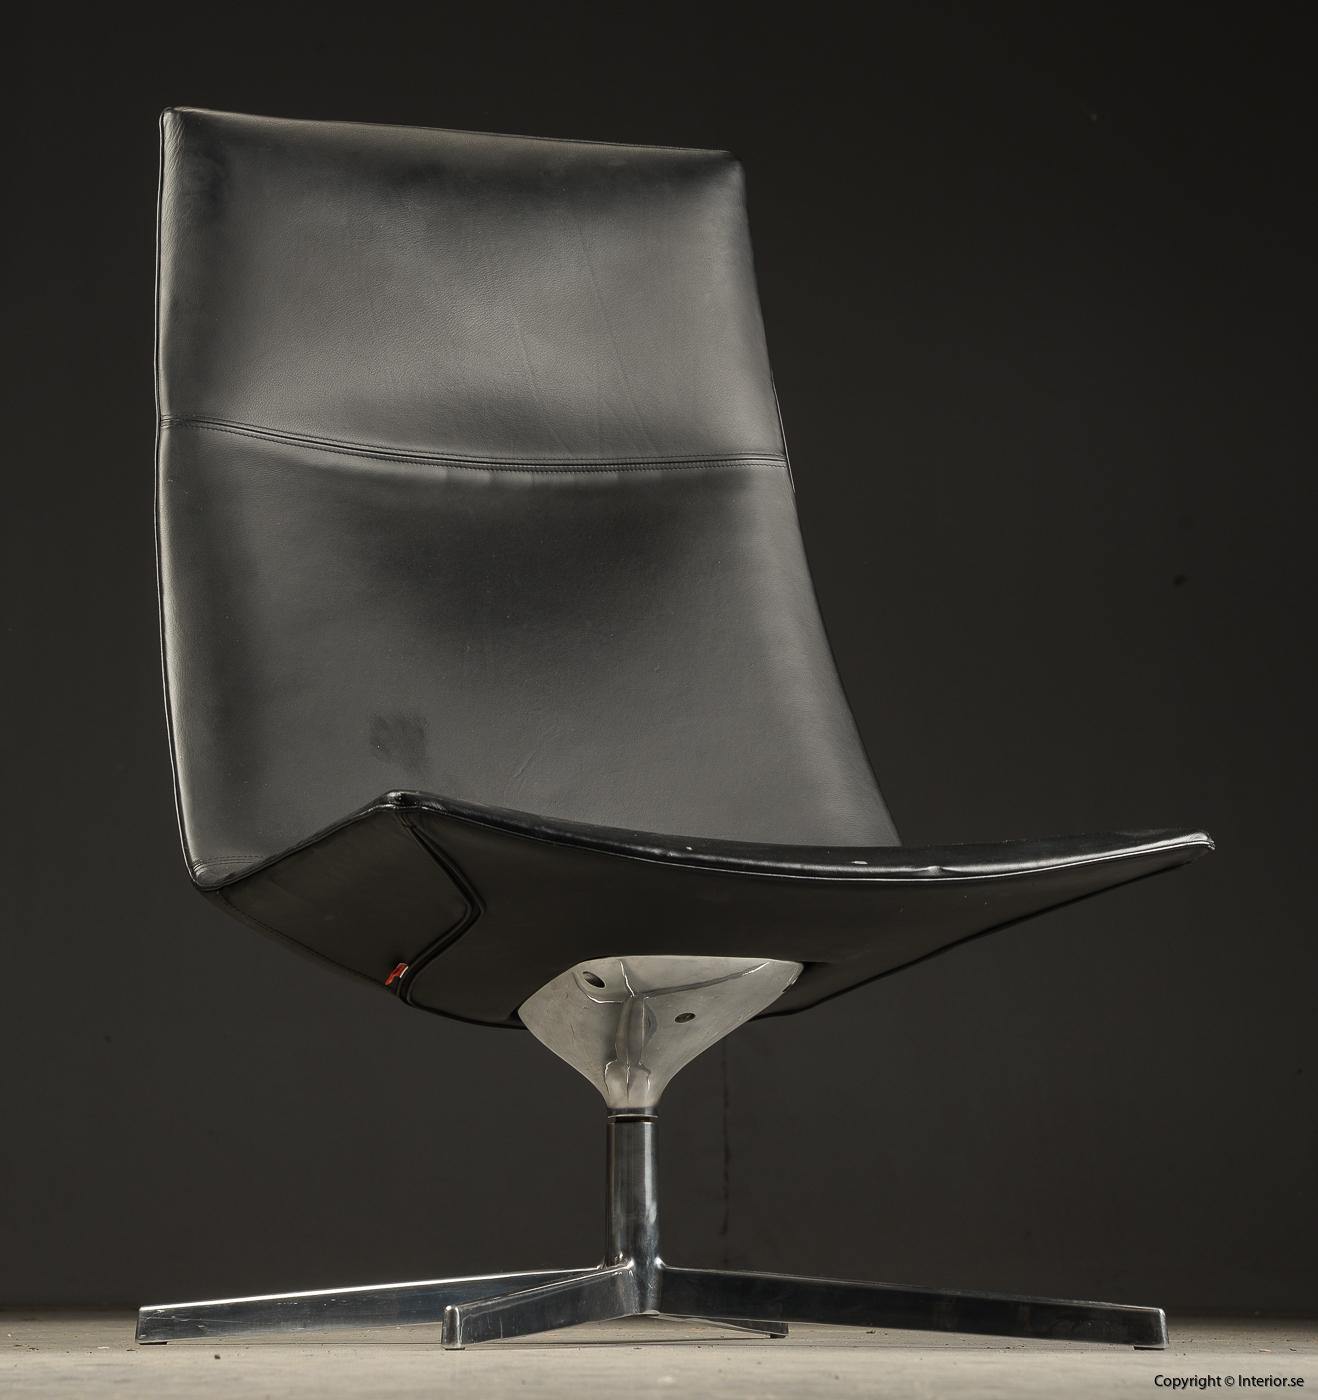 Loungefåtölj lounge chair Arper Catifa 70 läder - Lievore, Altherr, Molina